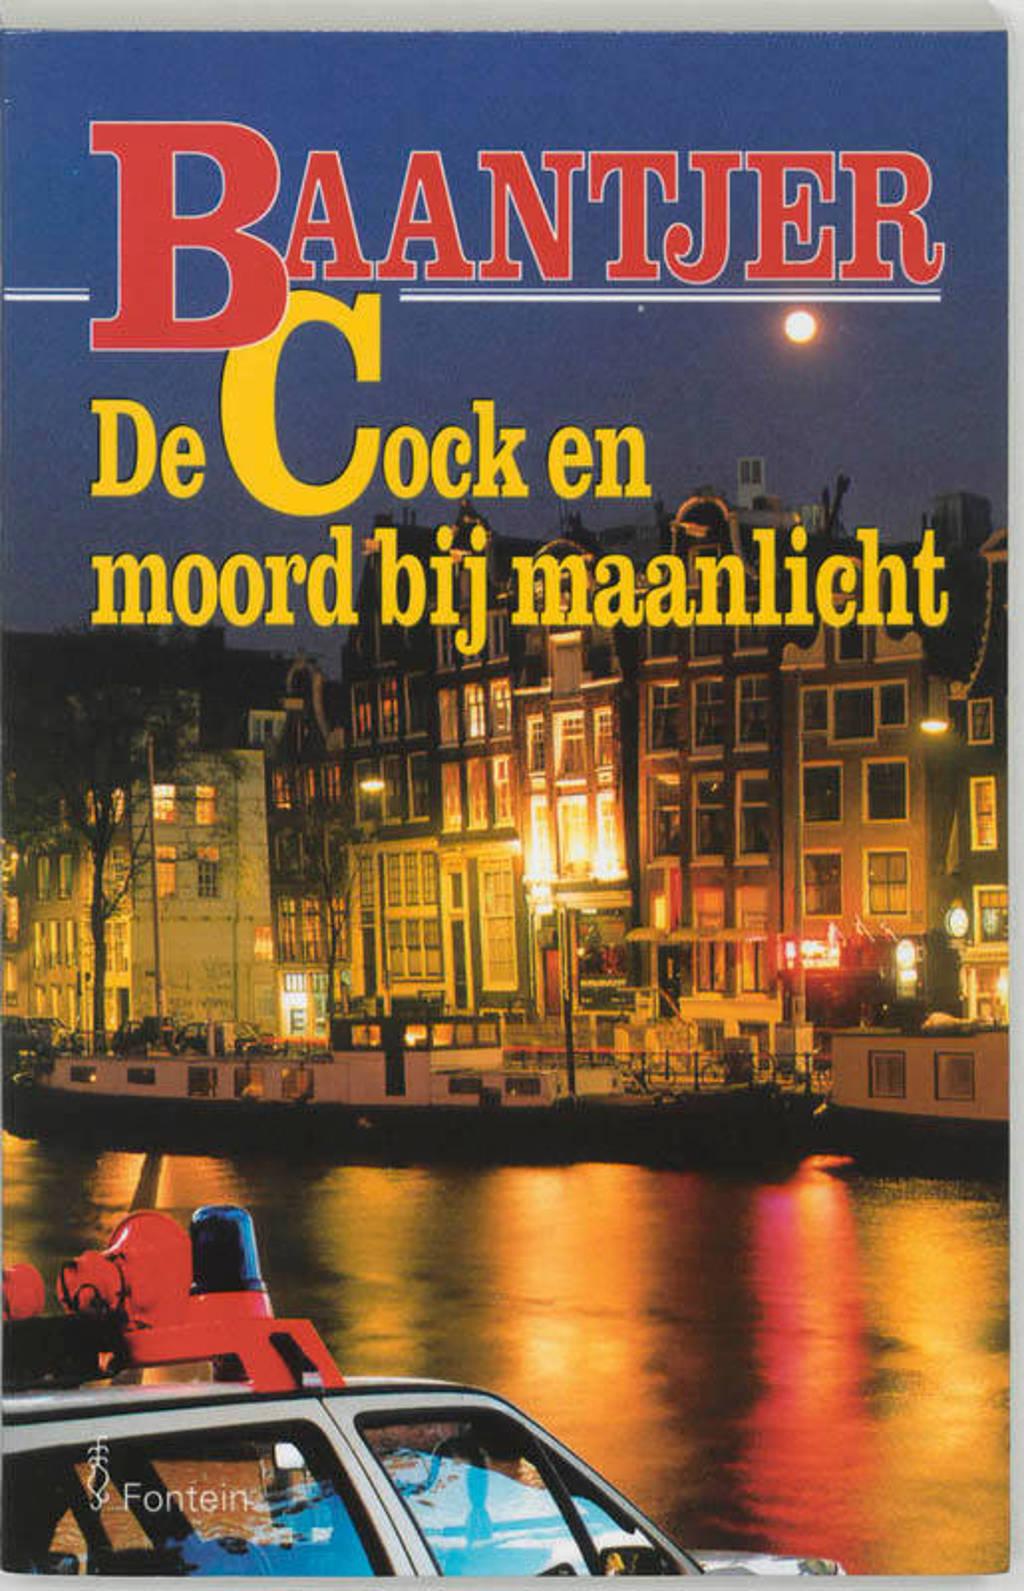 Baantjer: De Cock en moord bij maanlicht - A.C. Baantjer